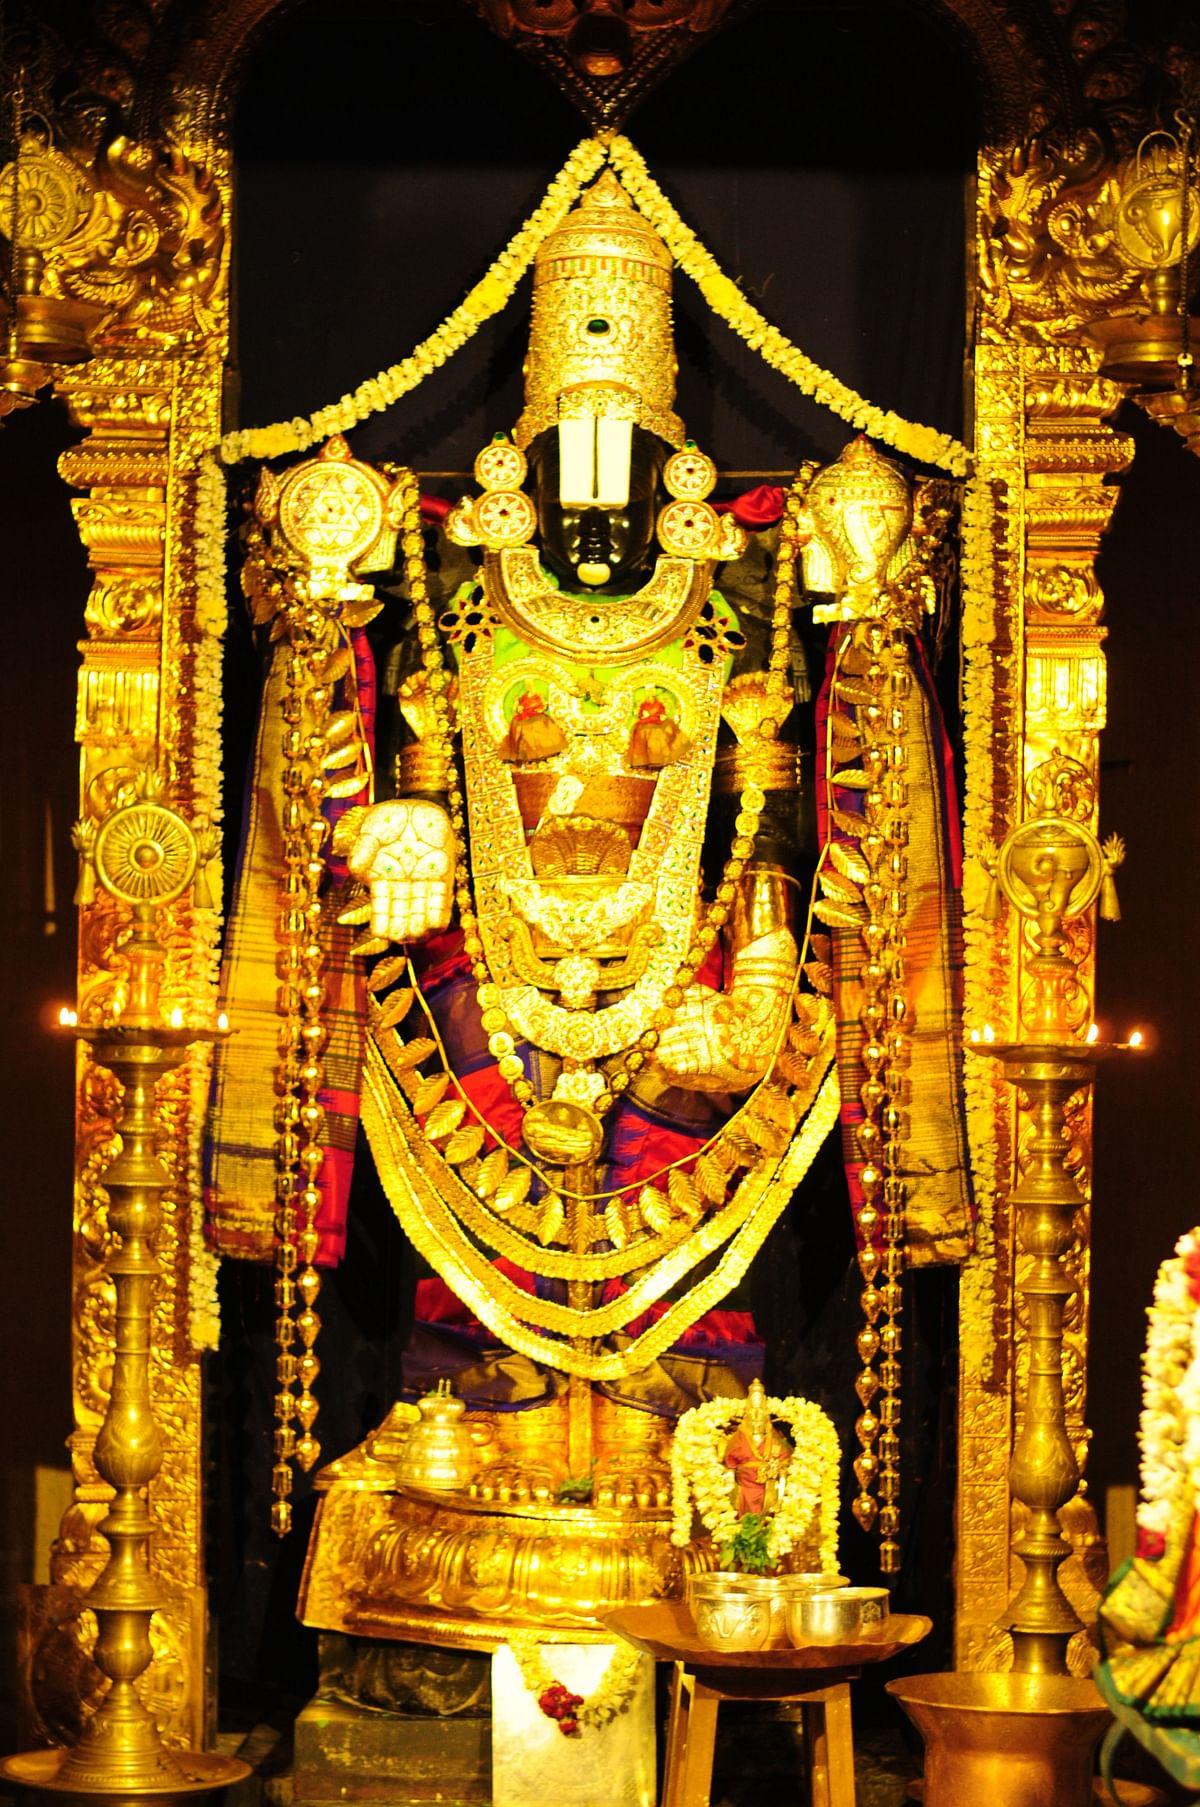 ஸ்ரீவாரு வேங்கடாசலபதி